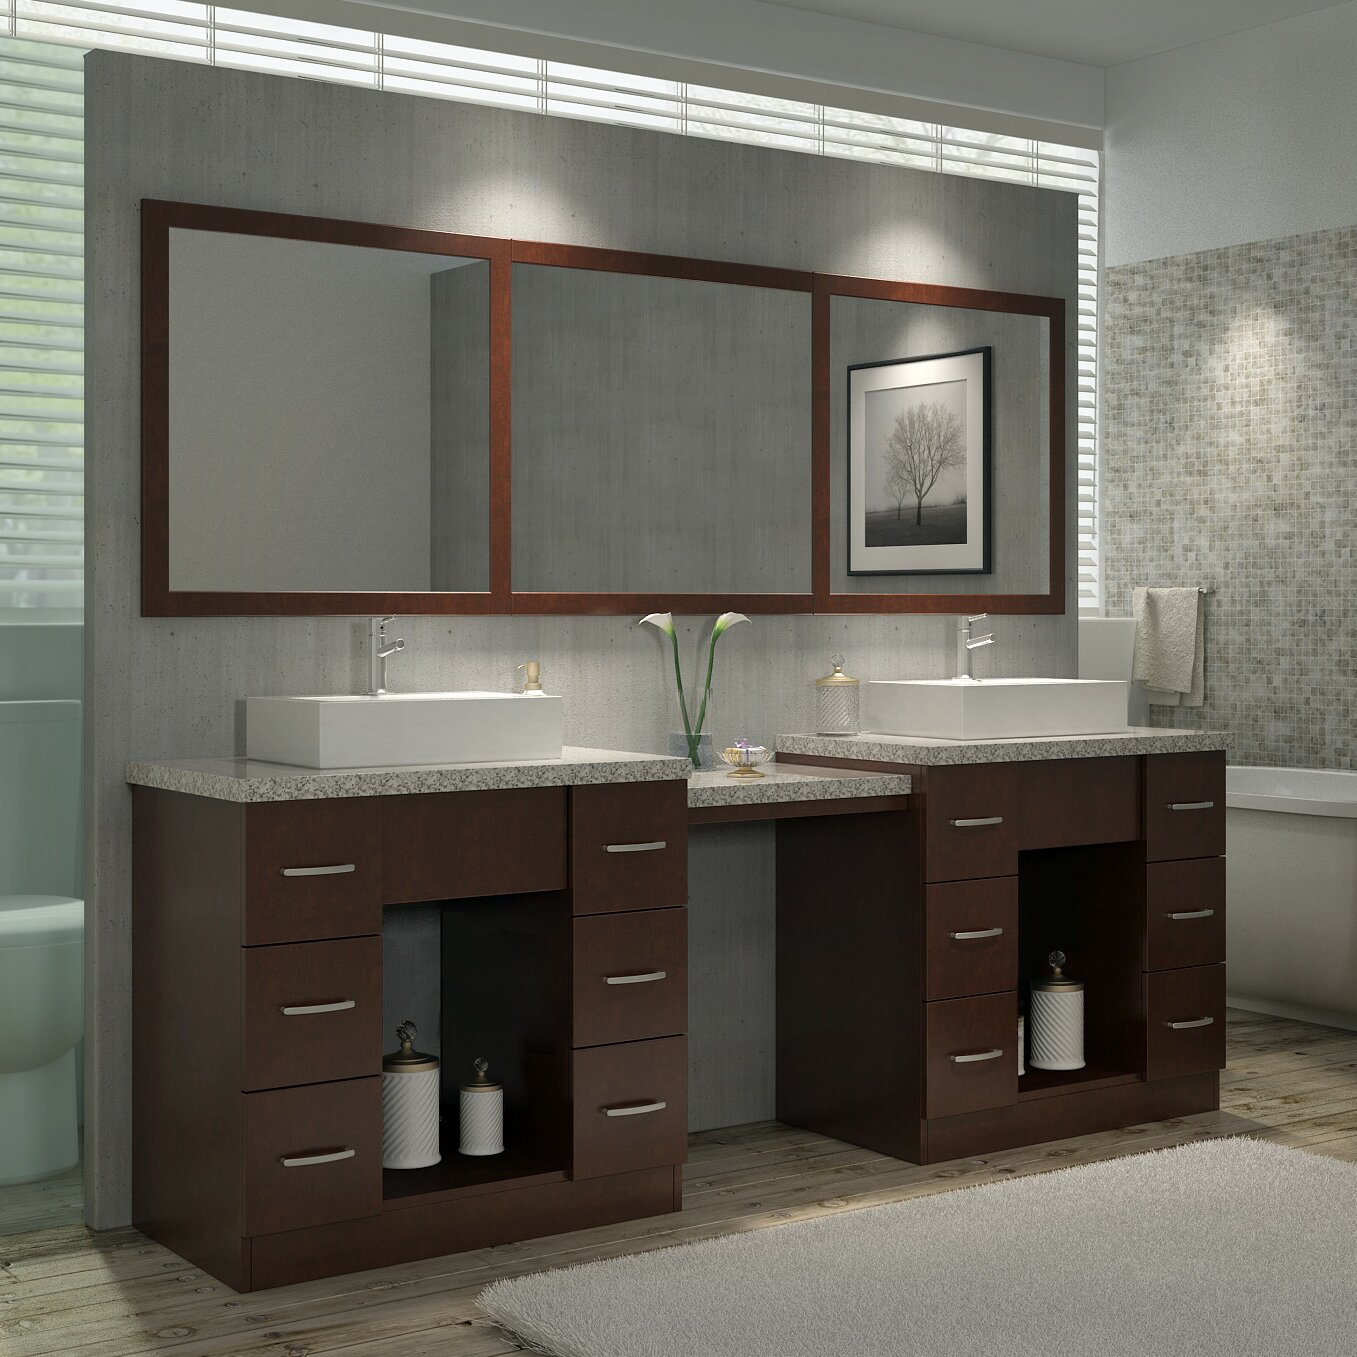 ariel bath roosevelt 97 double sink vanity set with. Black Bedroom Furniture Sets. Home Design Ideas